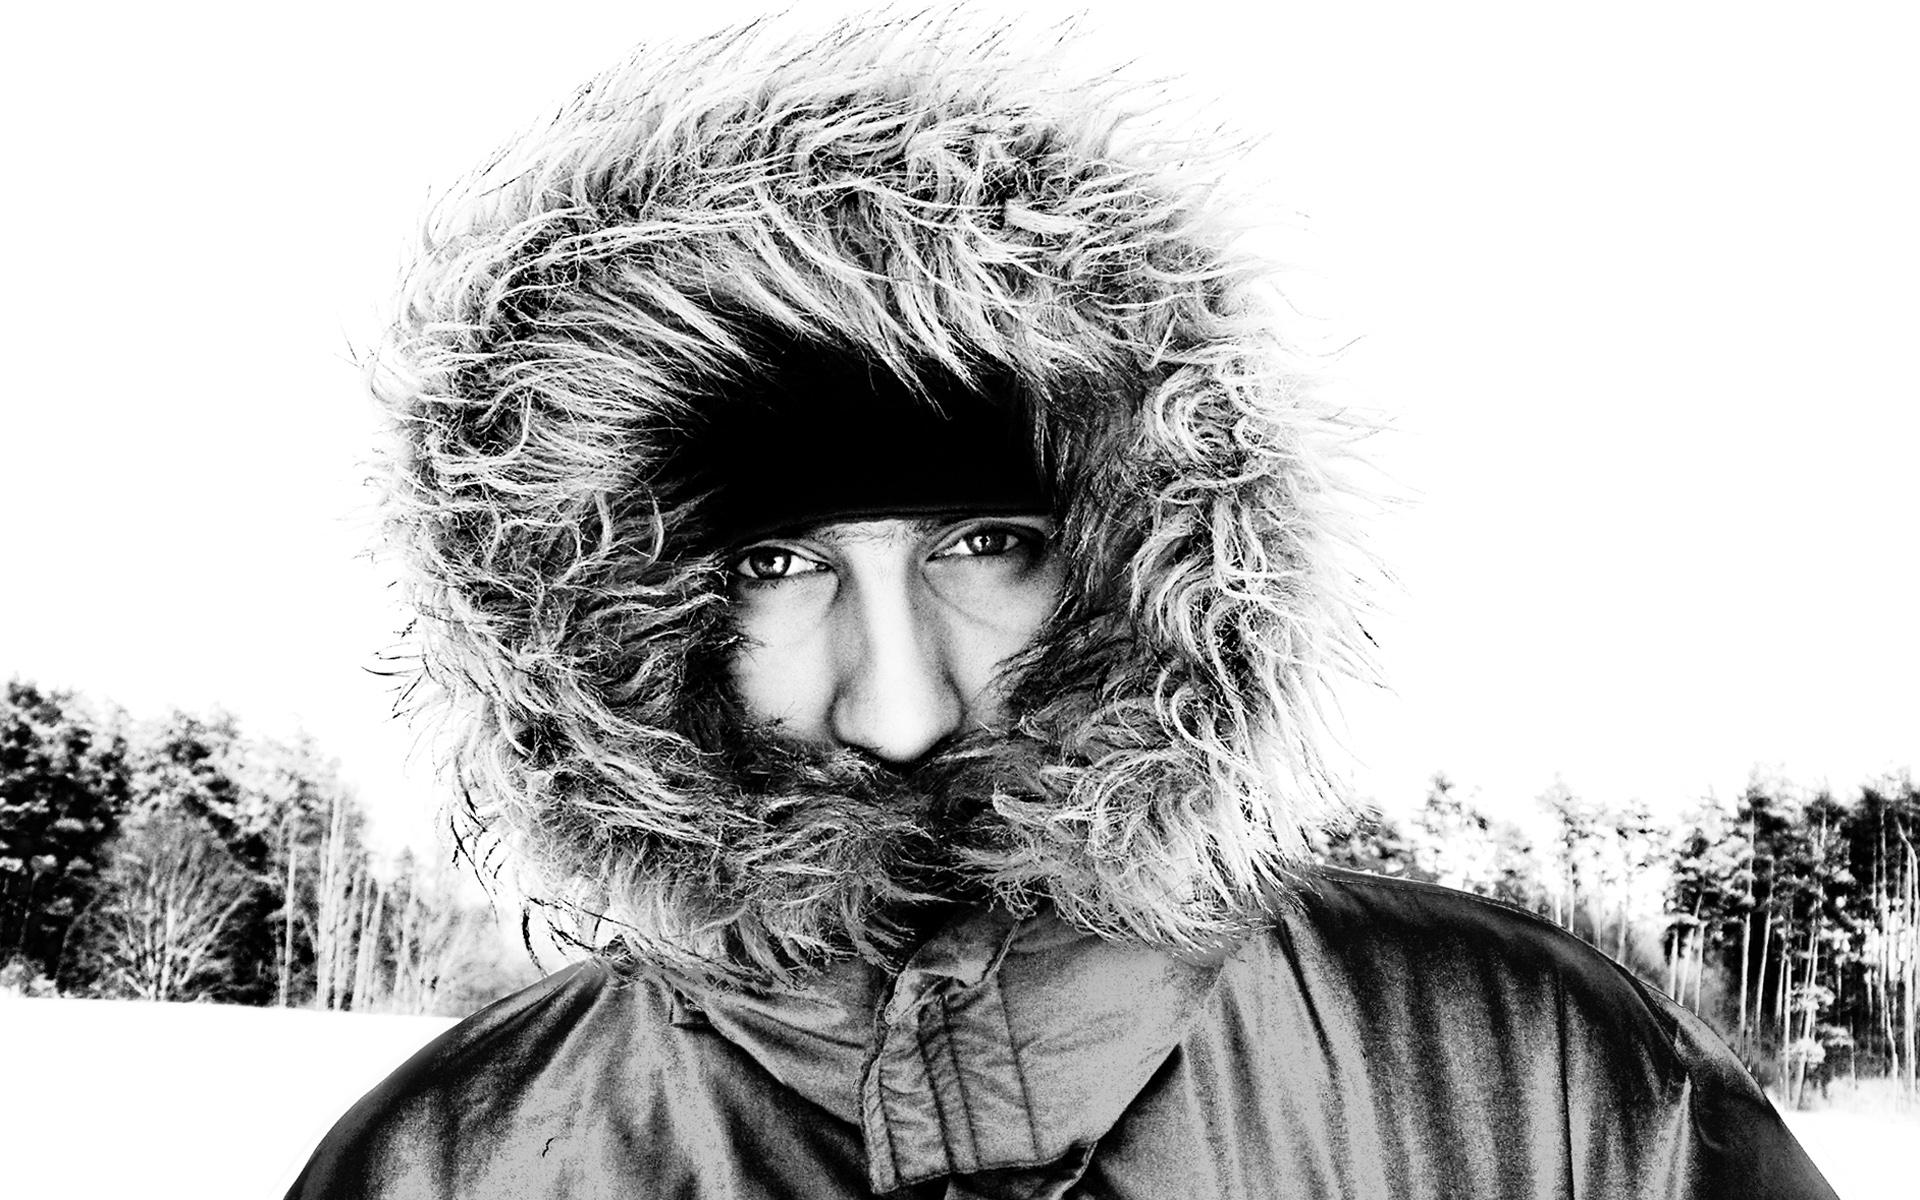 зима, холод, снег